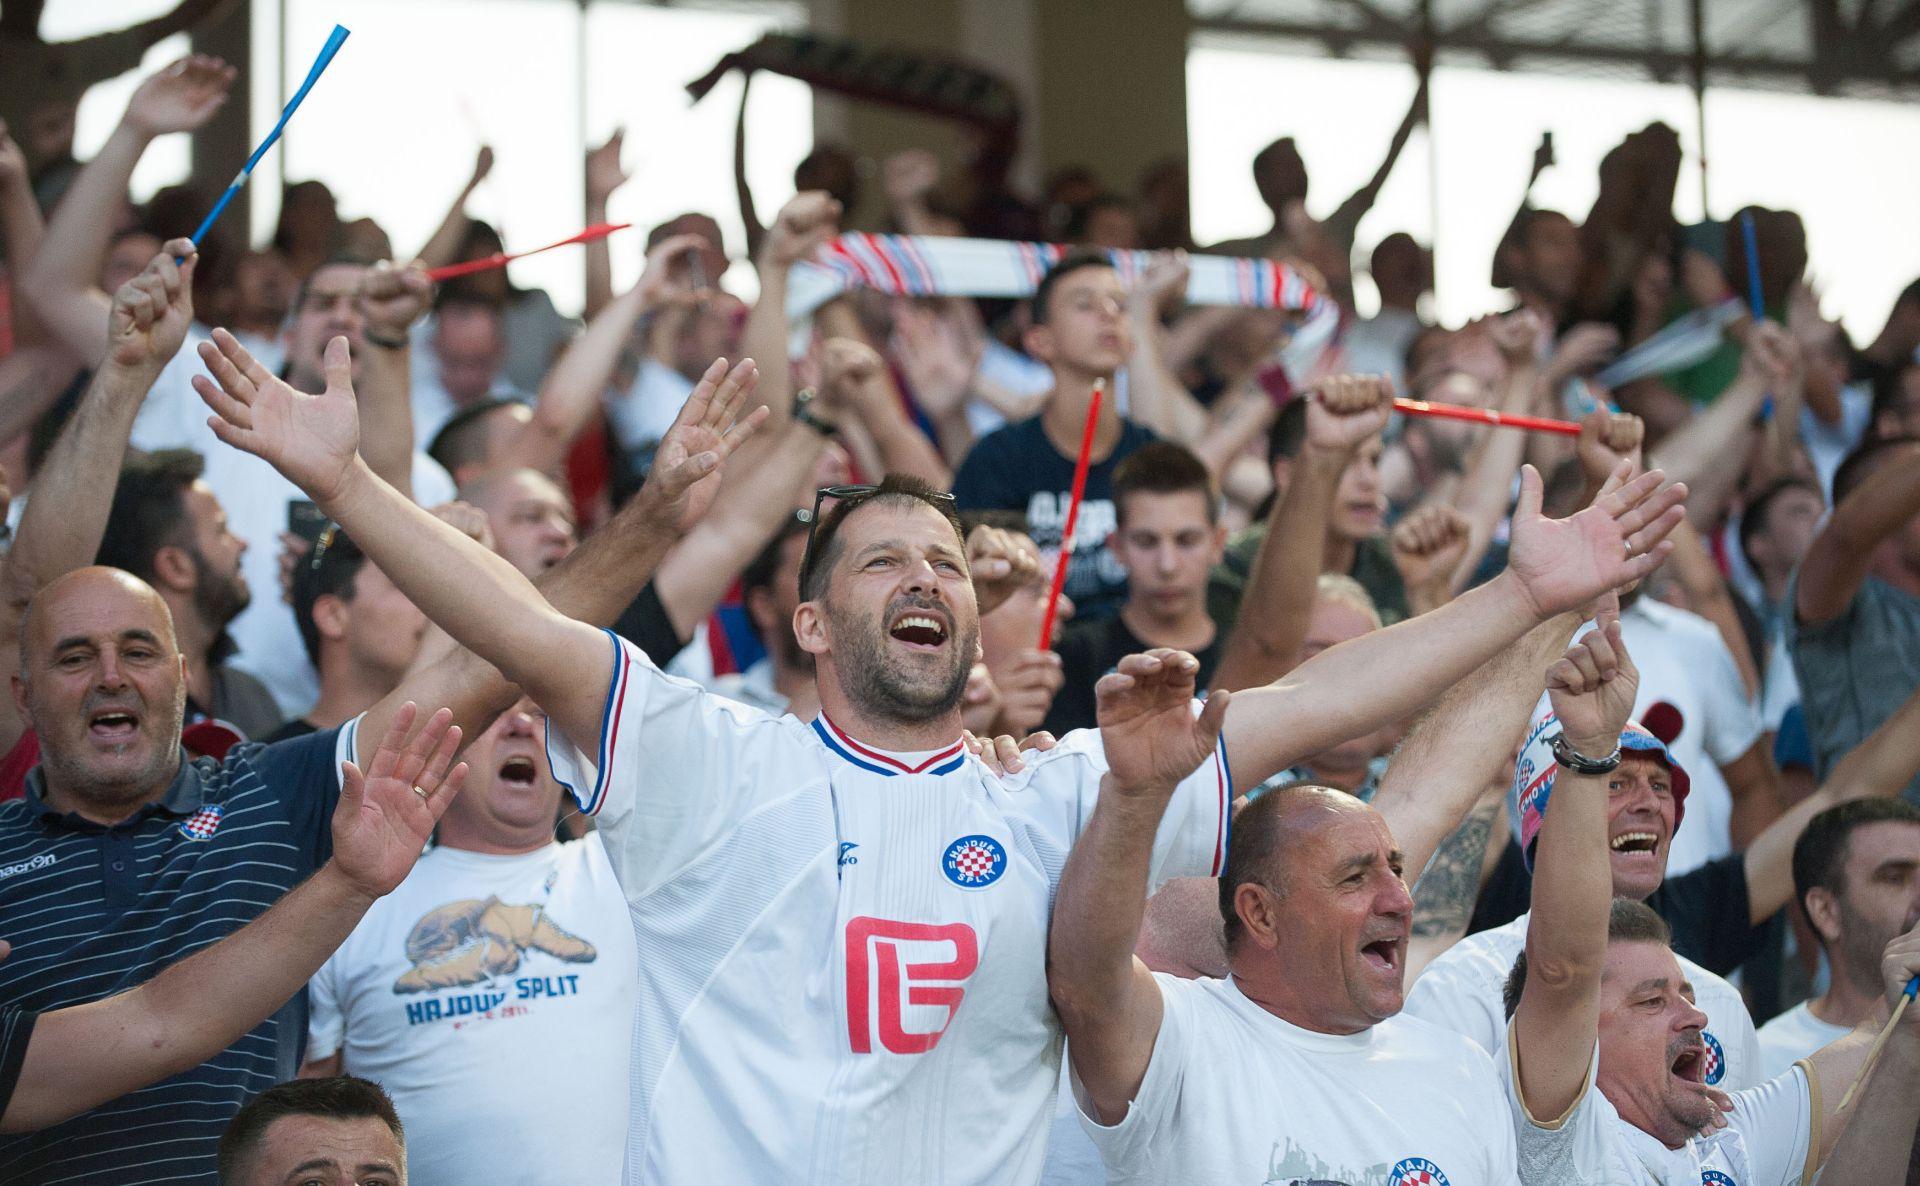 SPLIT Bez navijačkih incidenata na utakmici Hajduk-Levski